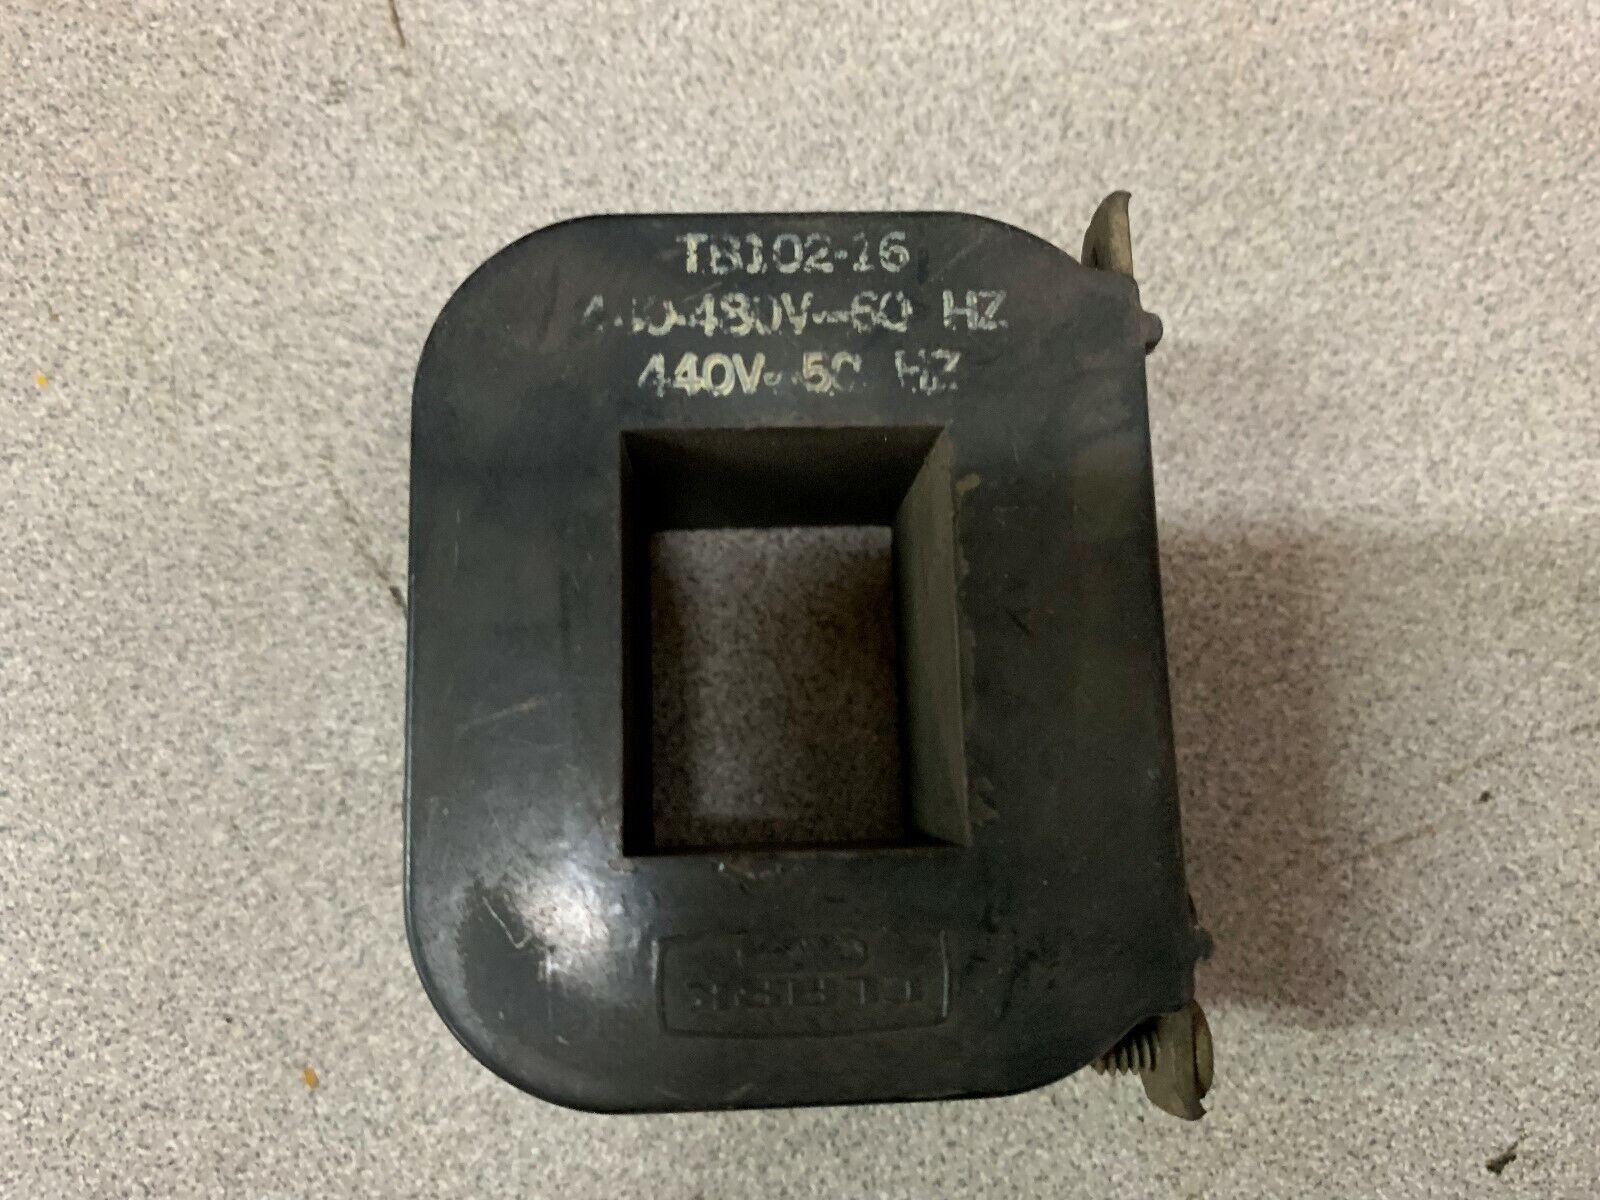 NEW NO BOX CLARK COIL TB102-16